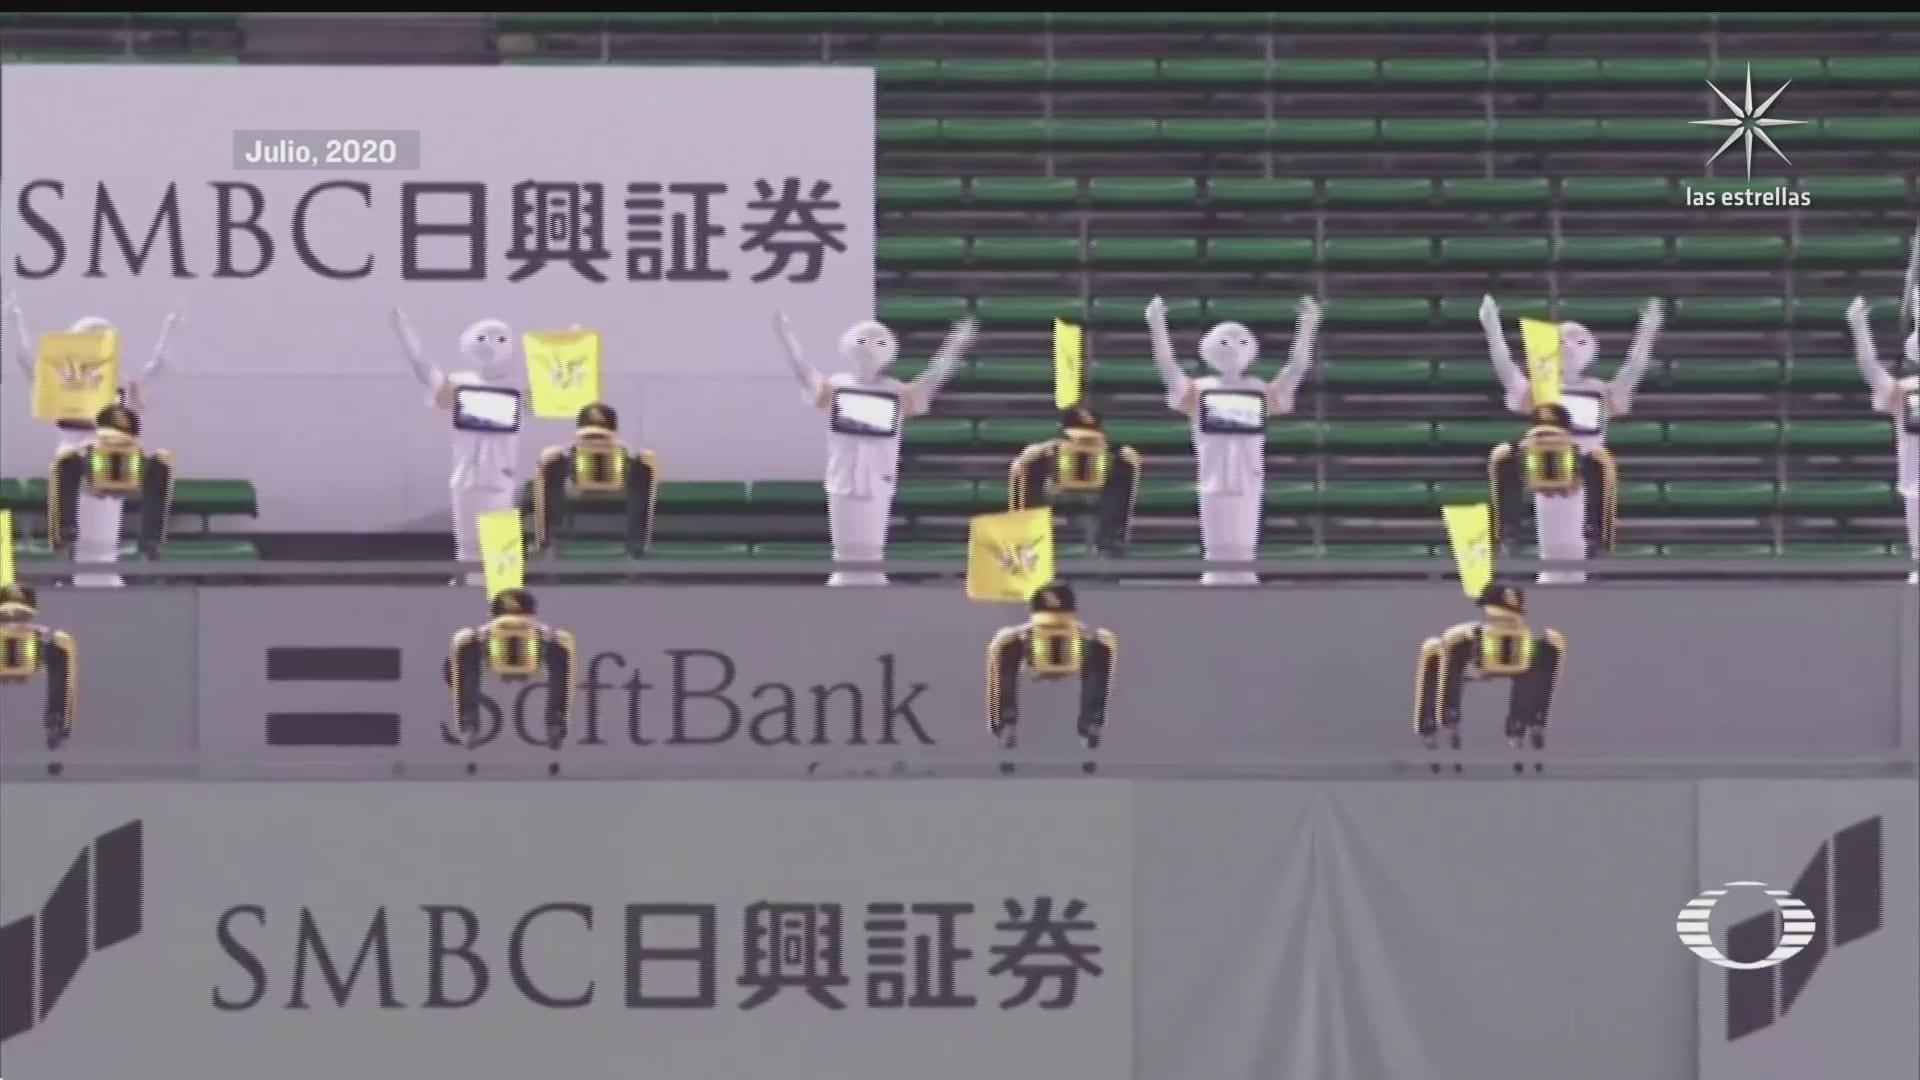 juegos olimpicos tokyo 2020 se llevaran a cabo sin espectadores